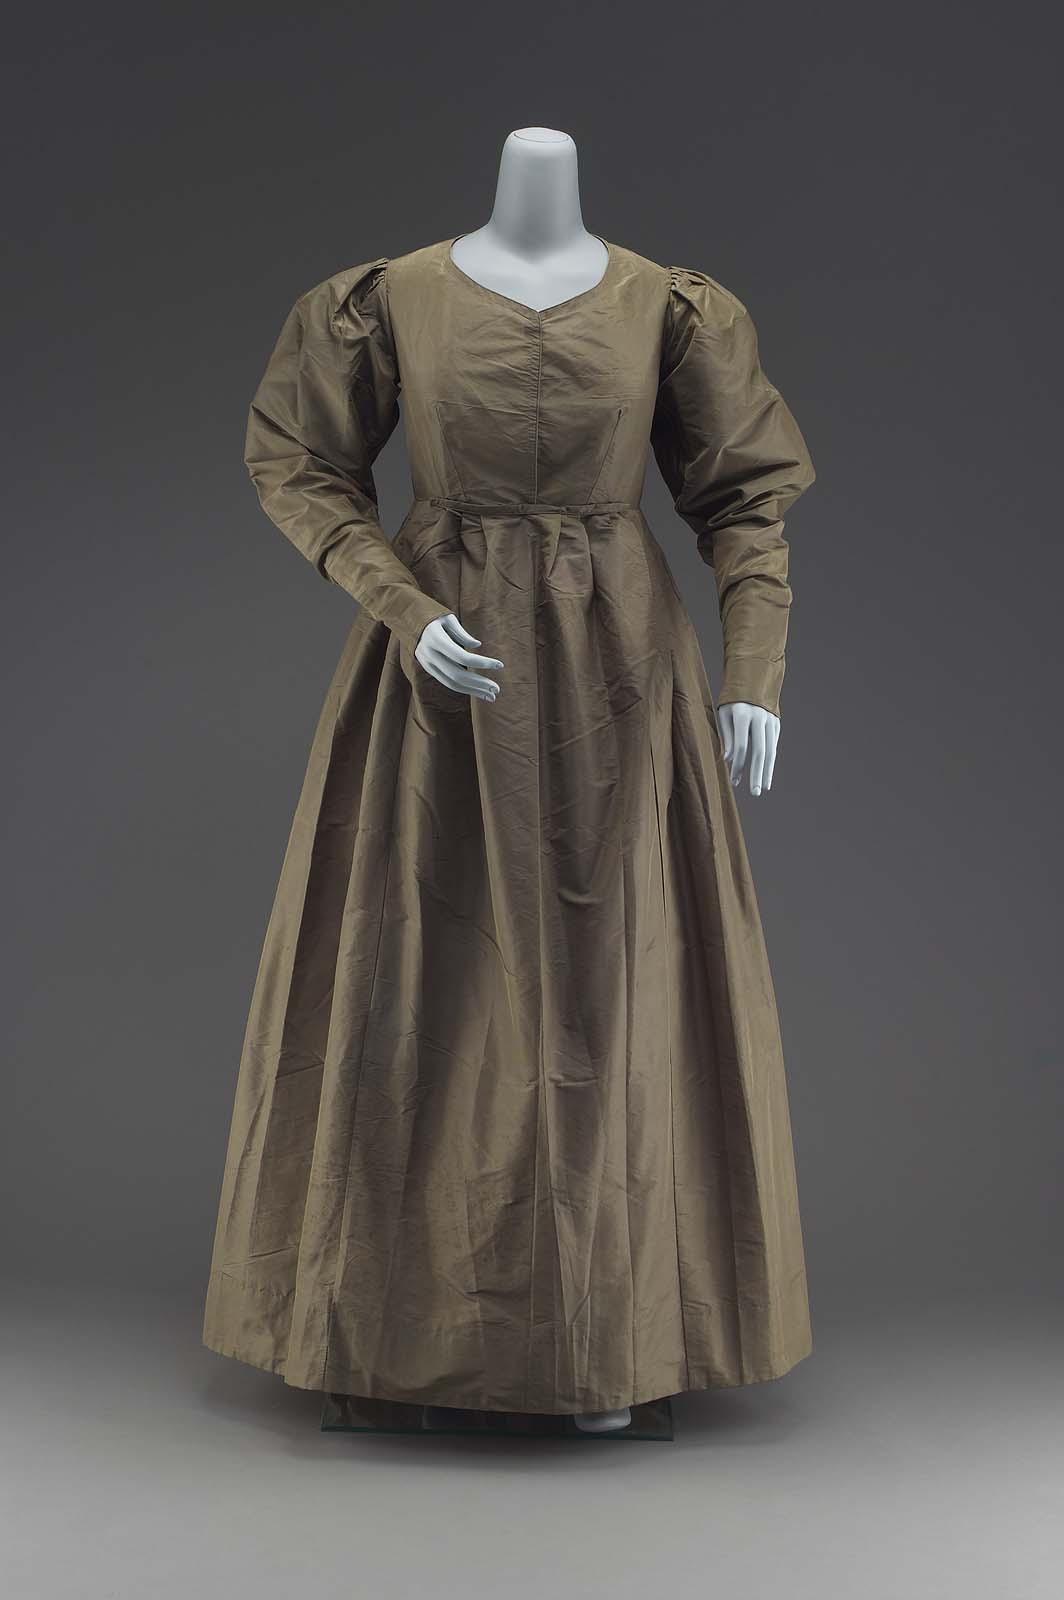 Quakers clothing